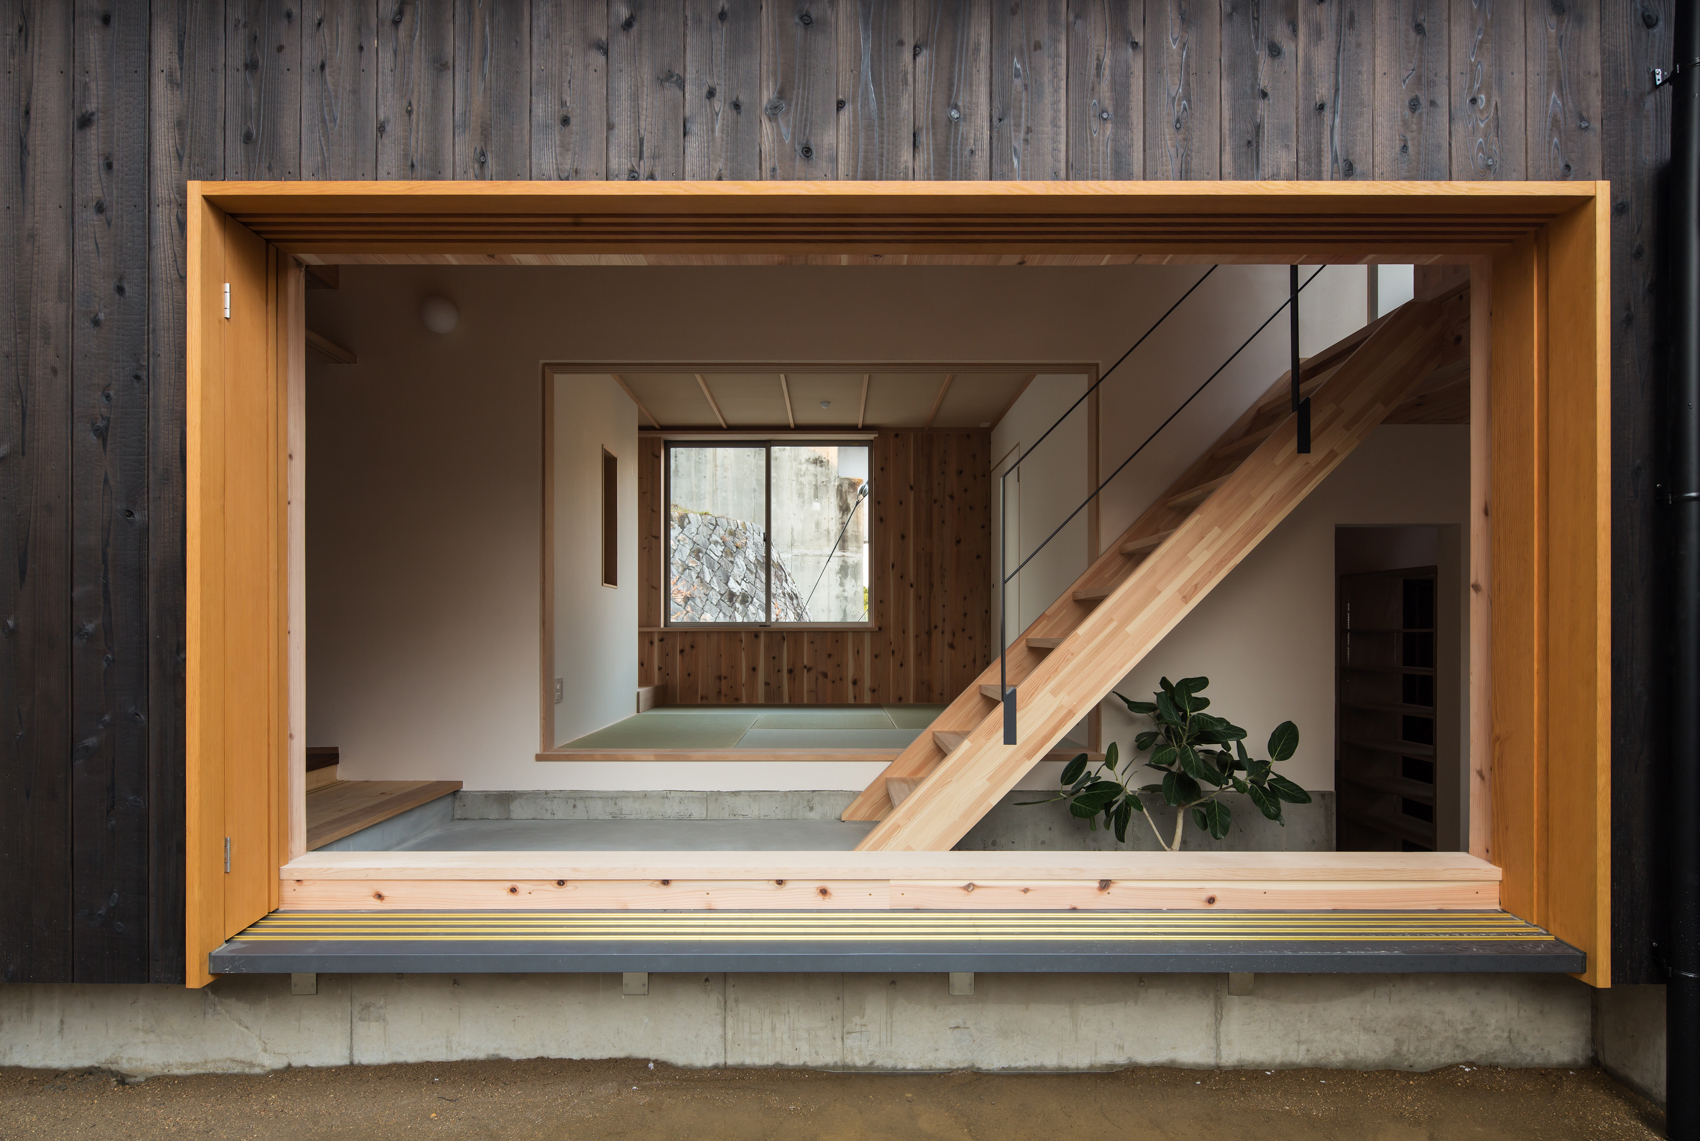 設計:究建築研究室 プロデュース、施工:IFA住宅設計室